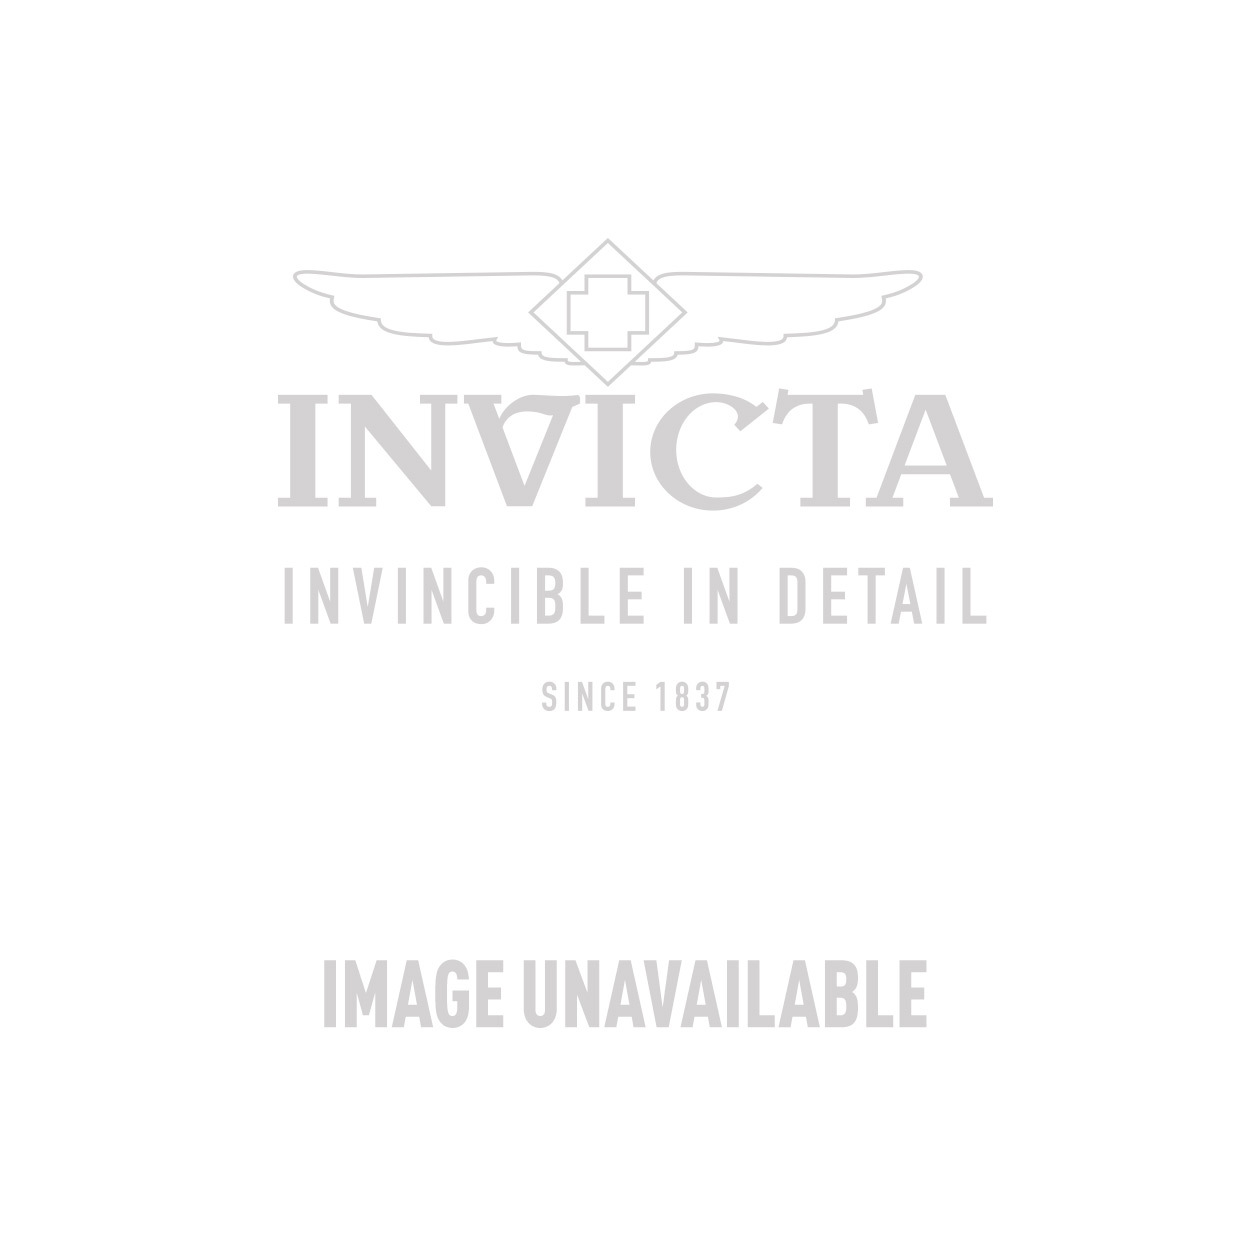 Invicta Model 23948